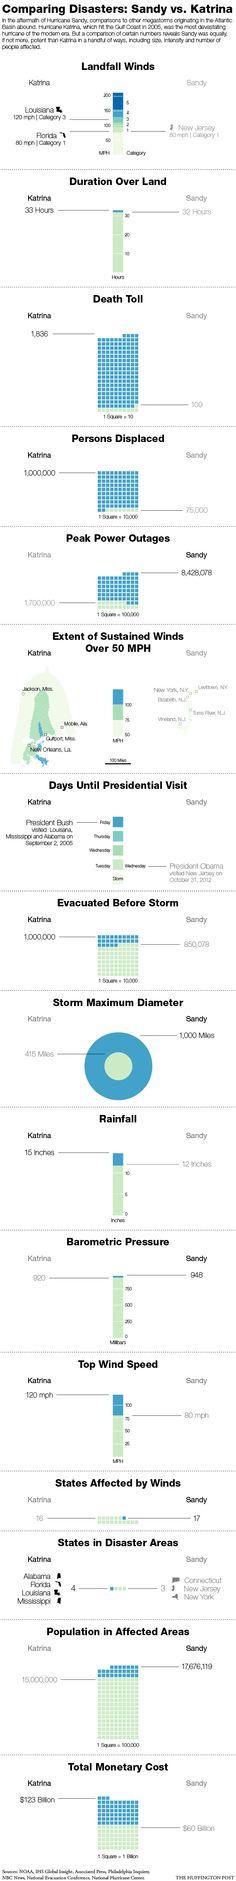 Hurricane Sandy vs Hurricane Katrina charts, interesting infographic.